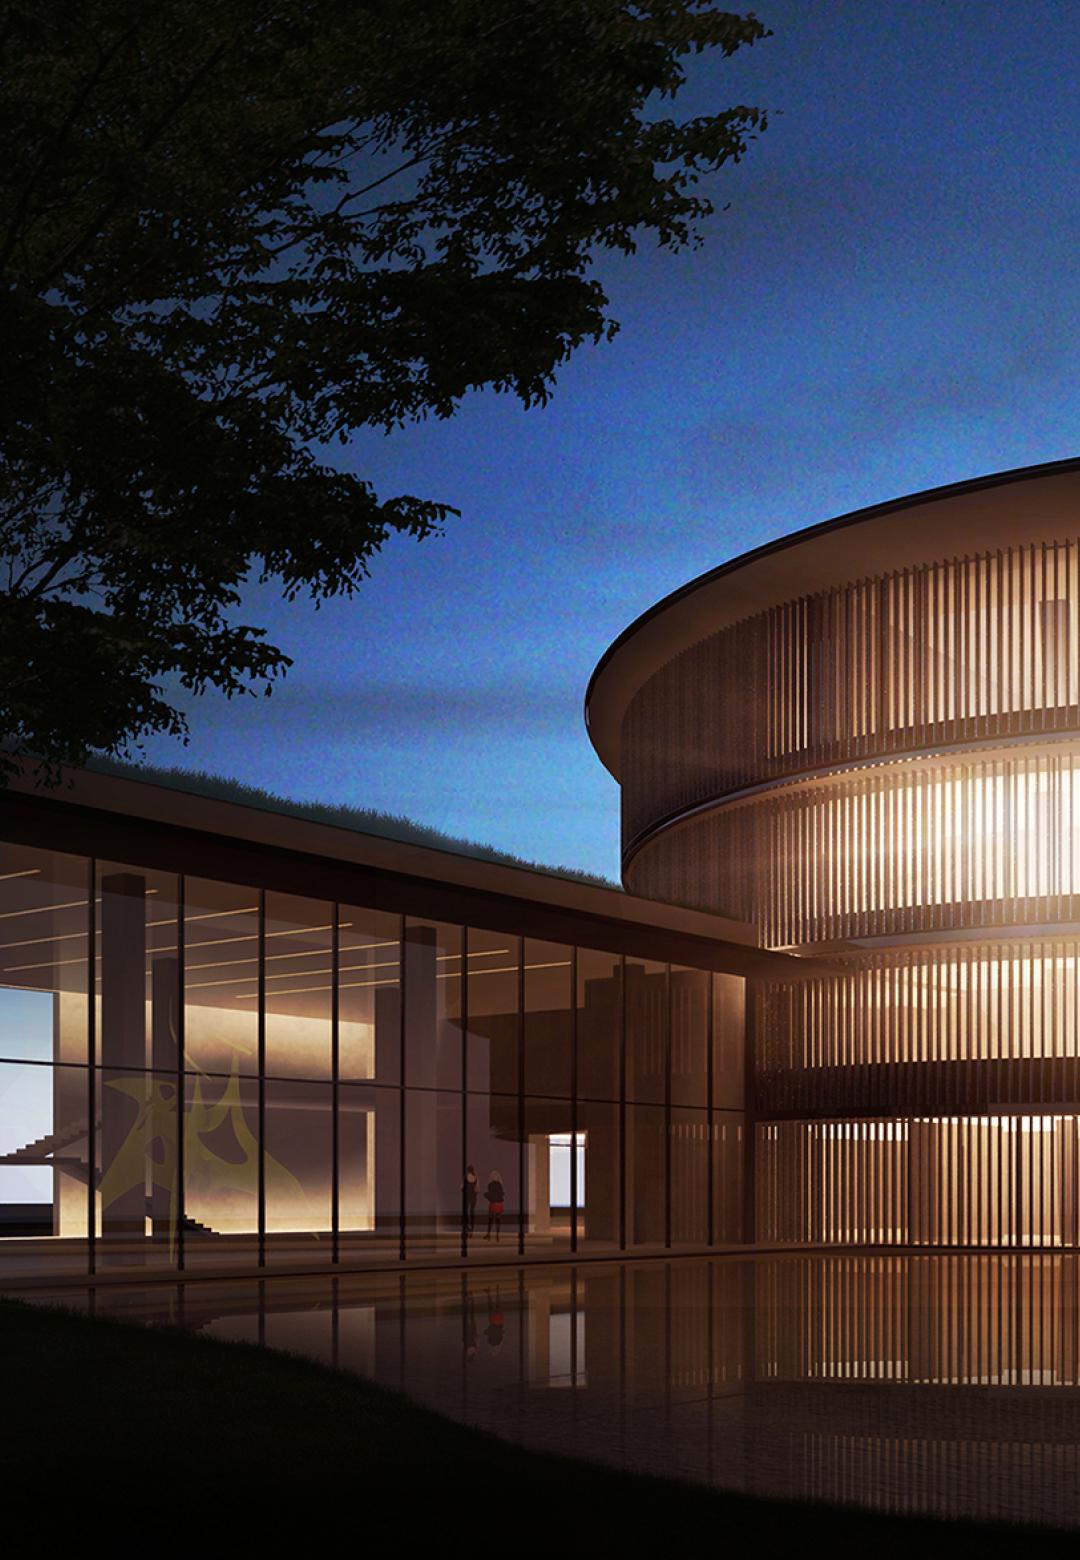 Tadao Ando reveals design for the HE Art Museum in Shunde, China | HE Art Museum | Tadao Ando | STIRworld